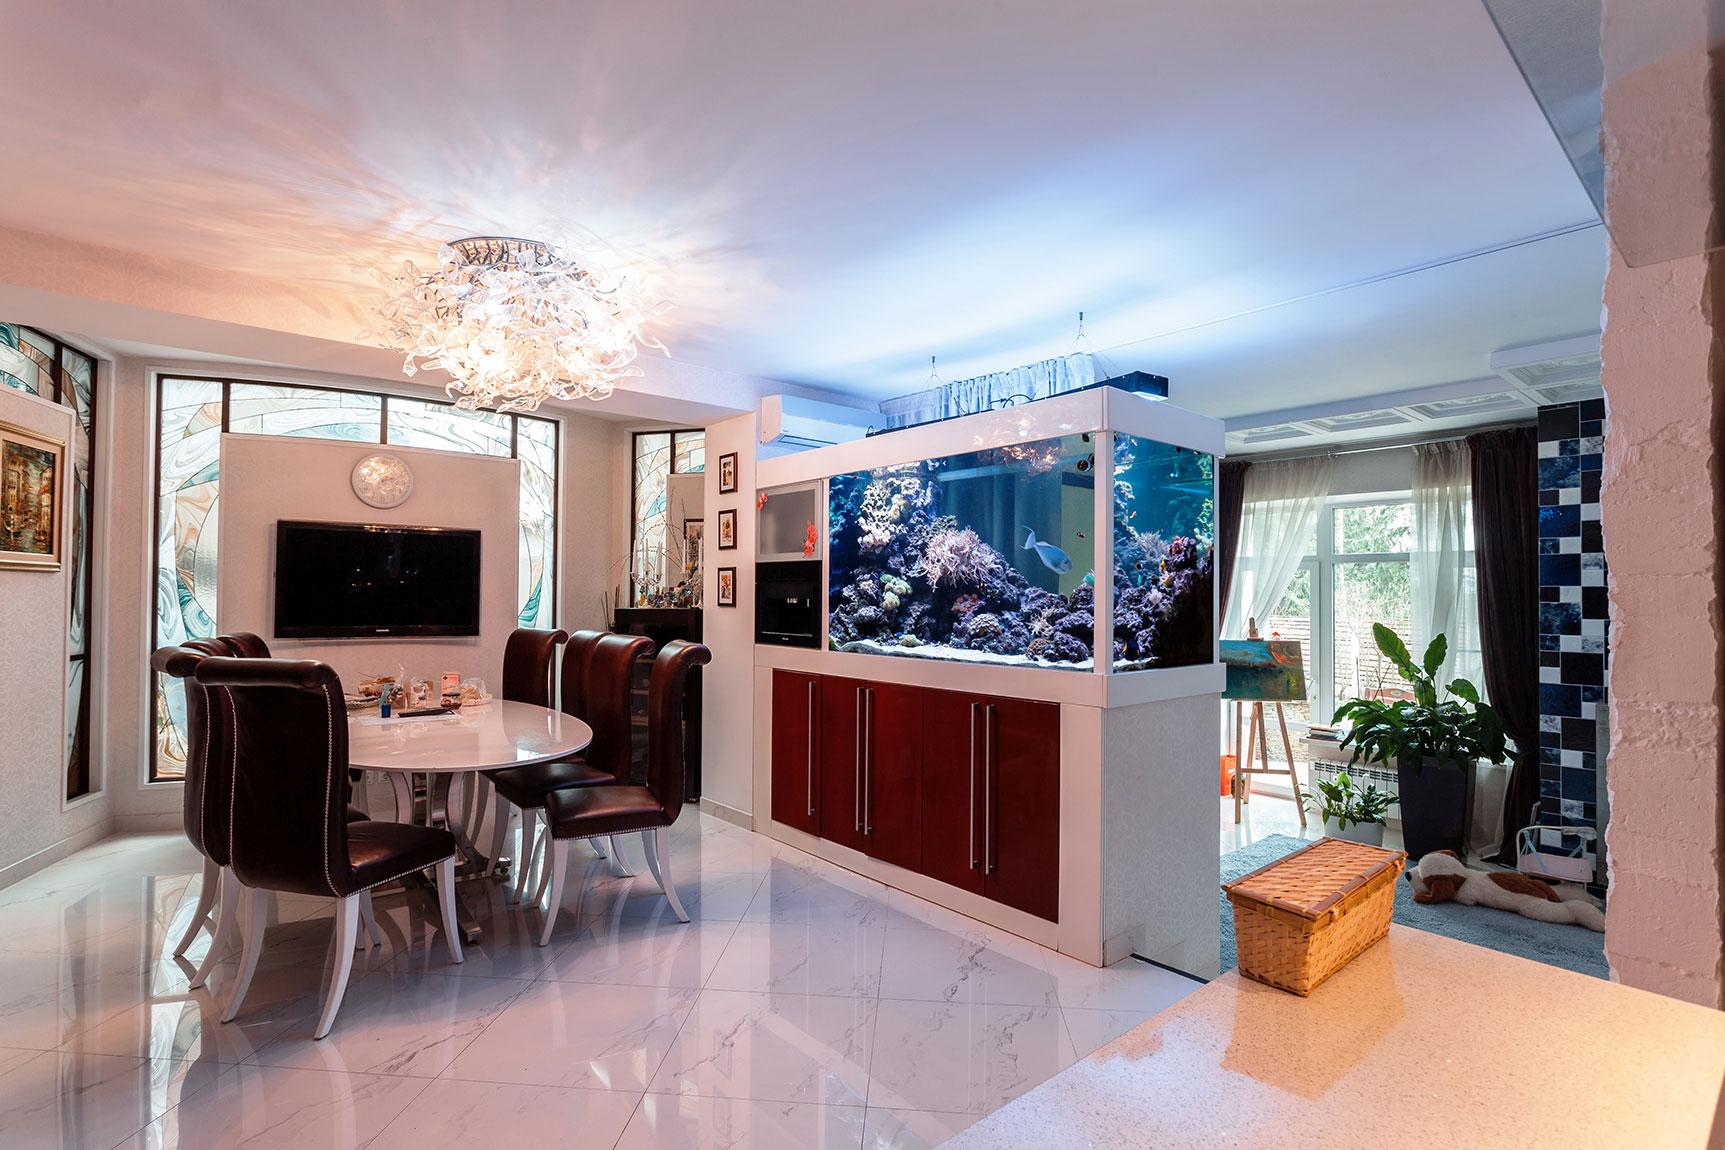 аквариум в однокомнатной квартире фото обычно имеет